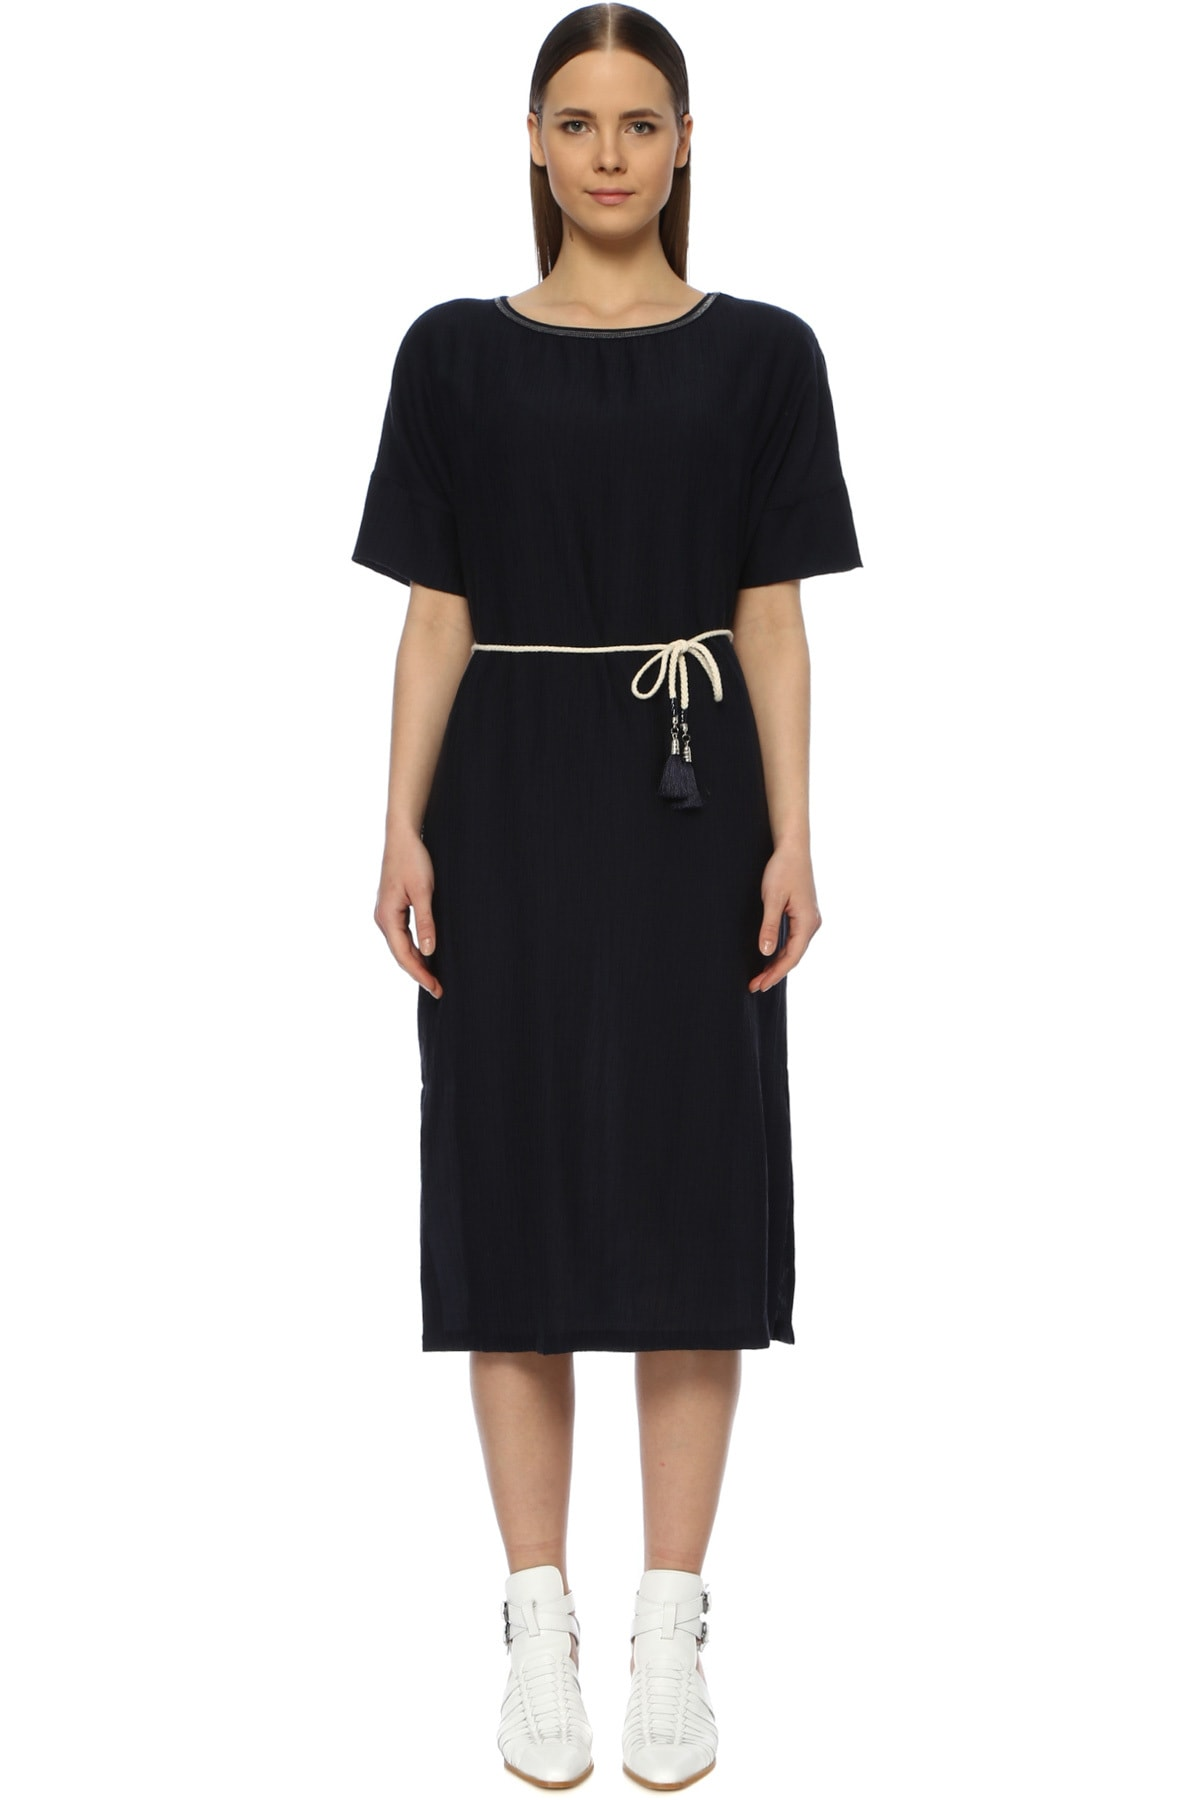 Kadın Diz Boy Lacivert Elbise 1072914